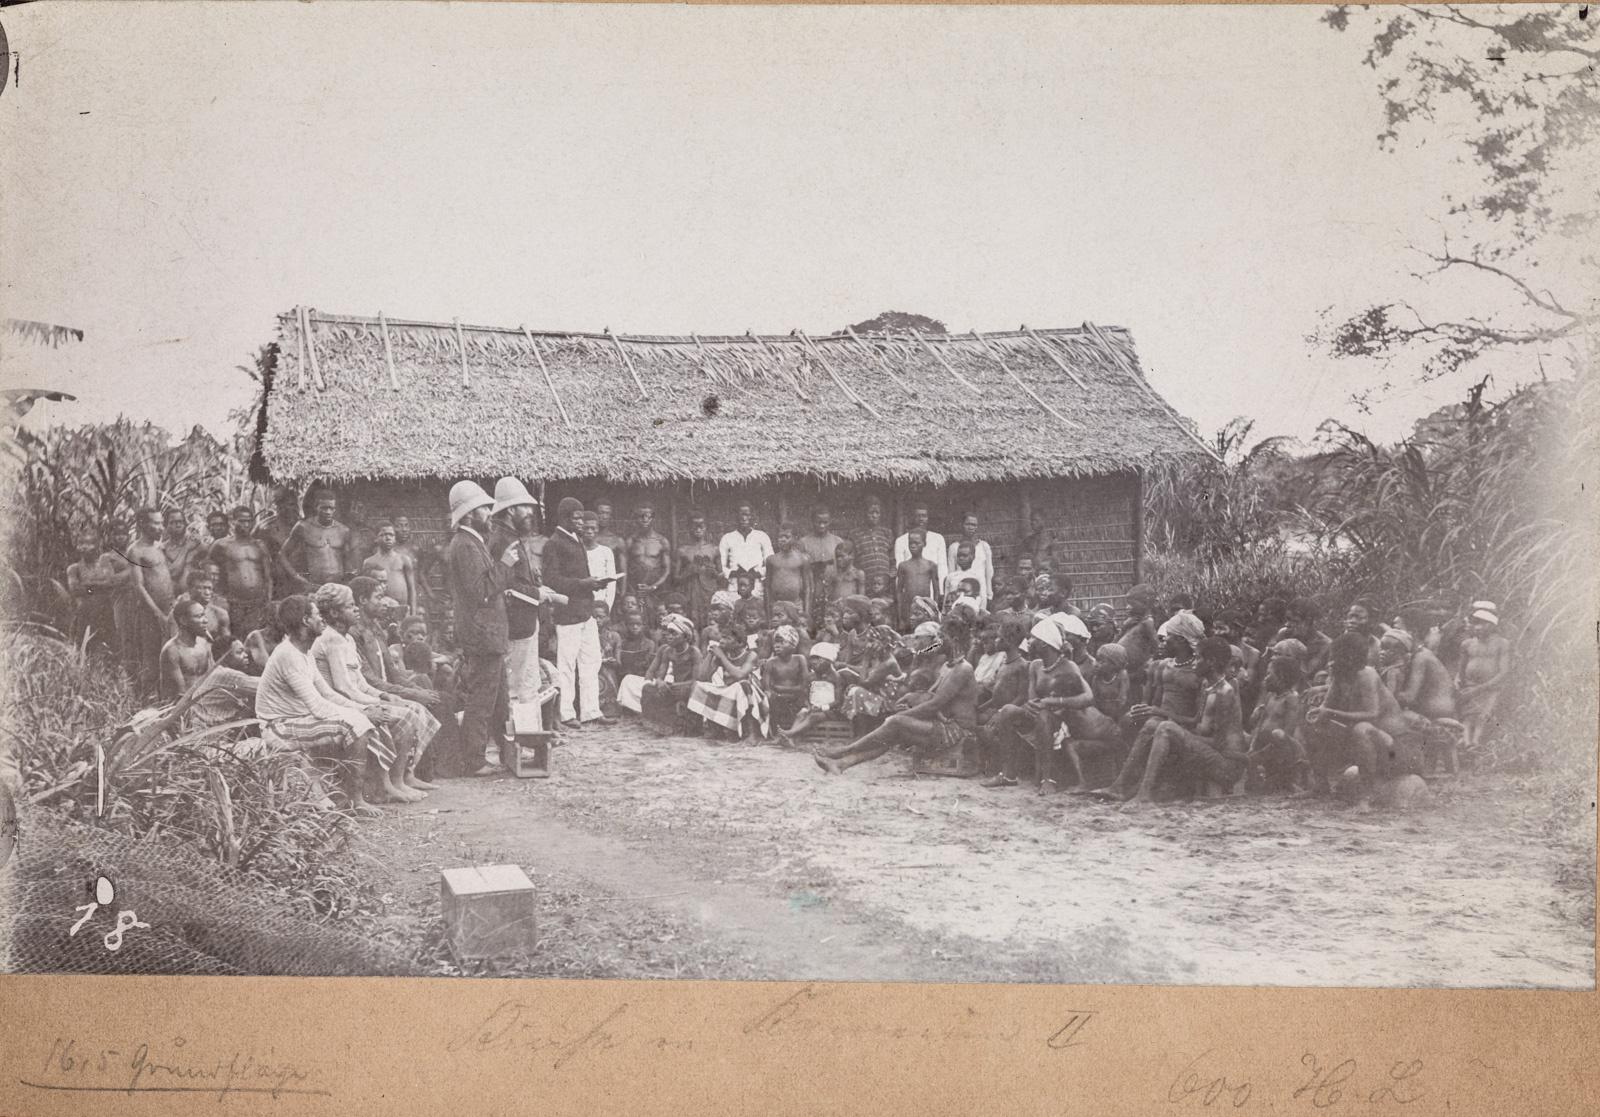 Групповой портрет с двумя исследователями и жителями деревни